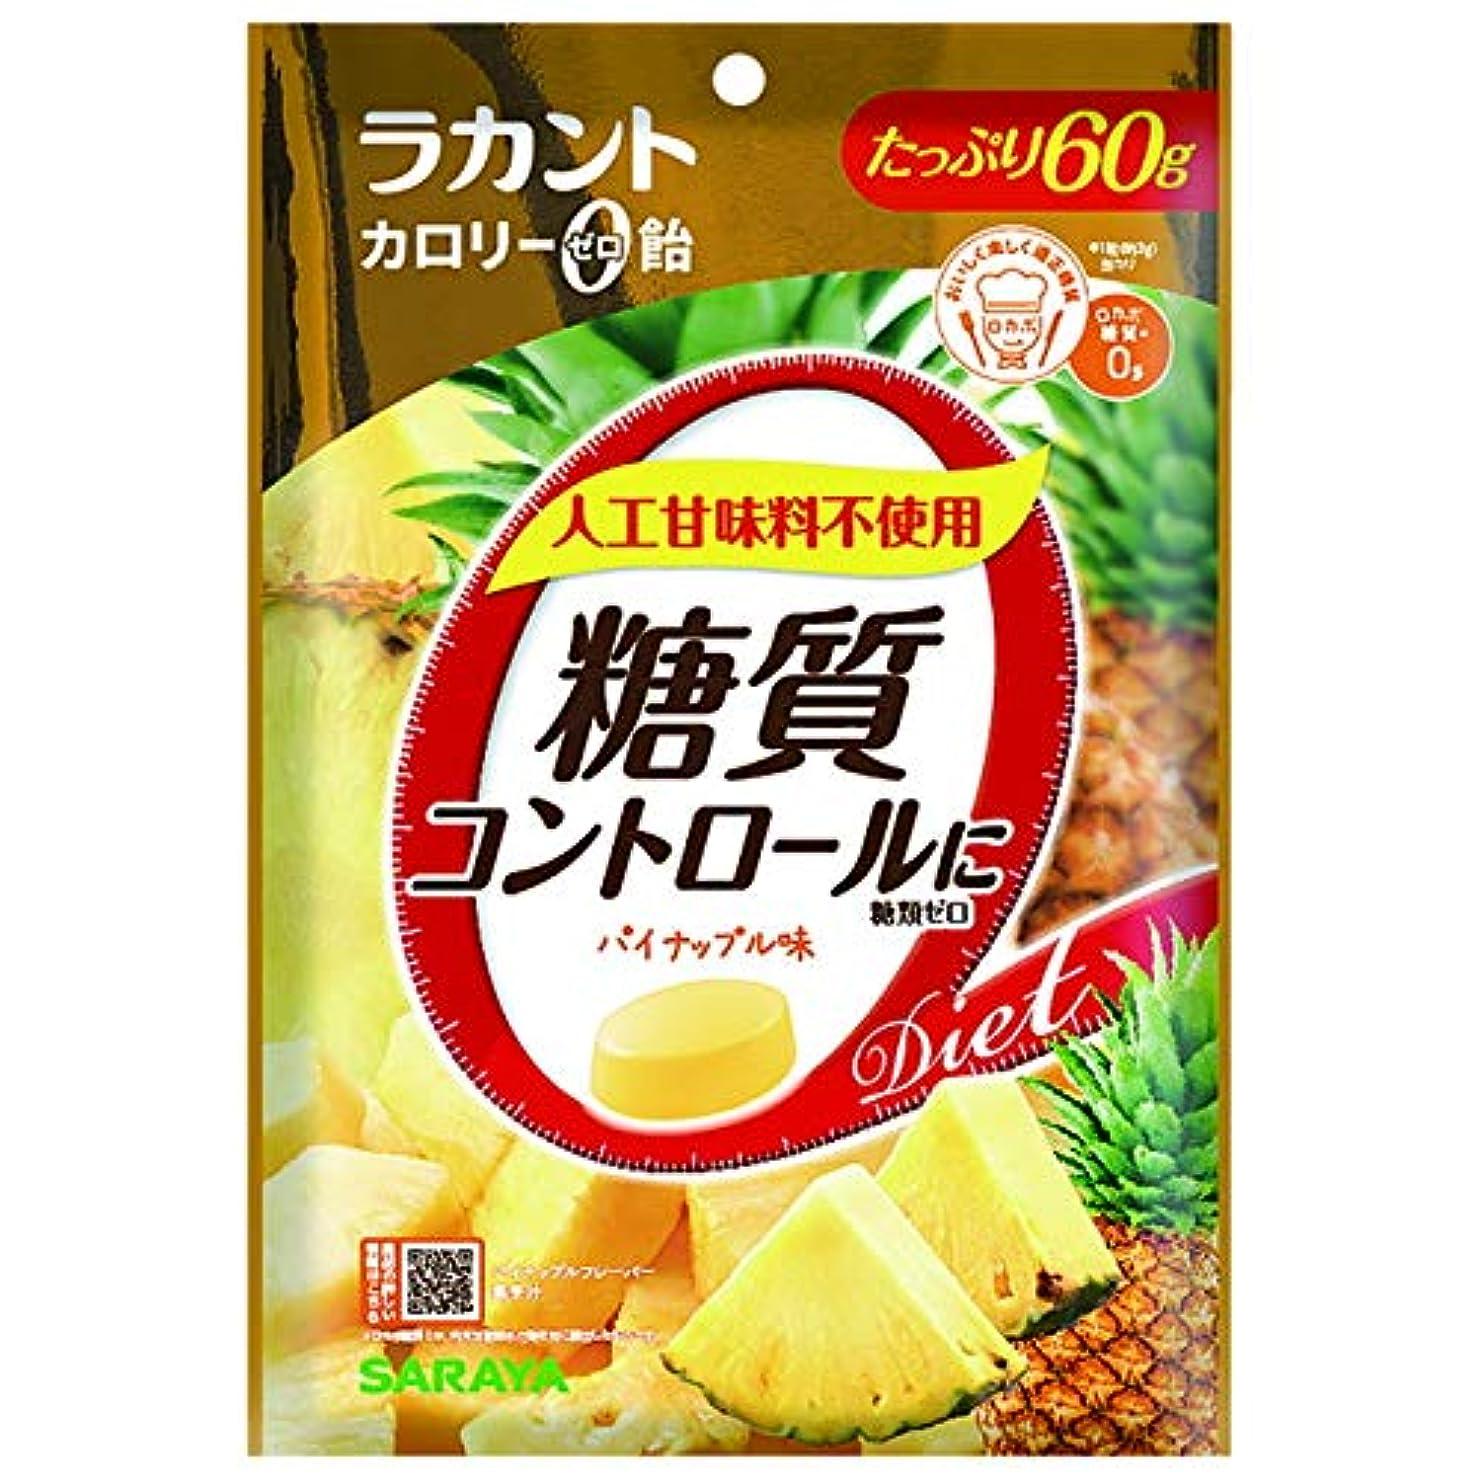 化石ギャロップ漏斗ラカント カロリーゼロ飴 パイナップル 60g【3個セット】